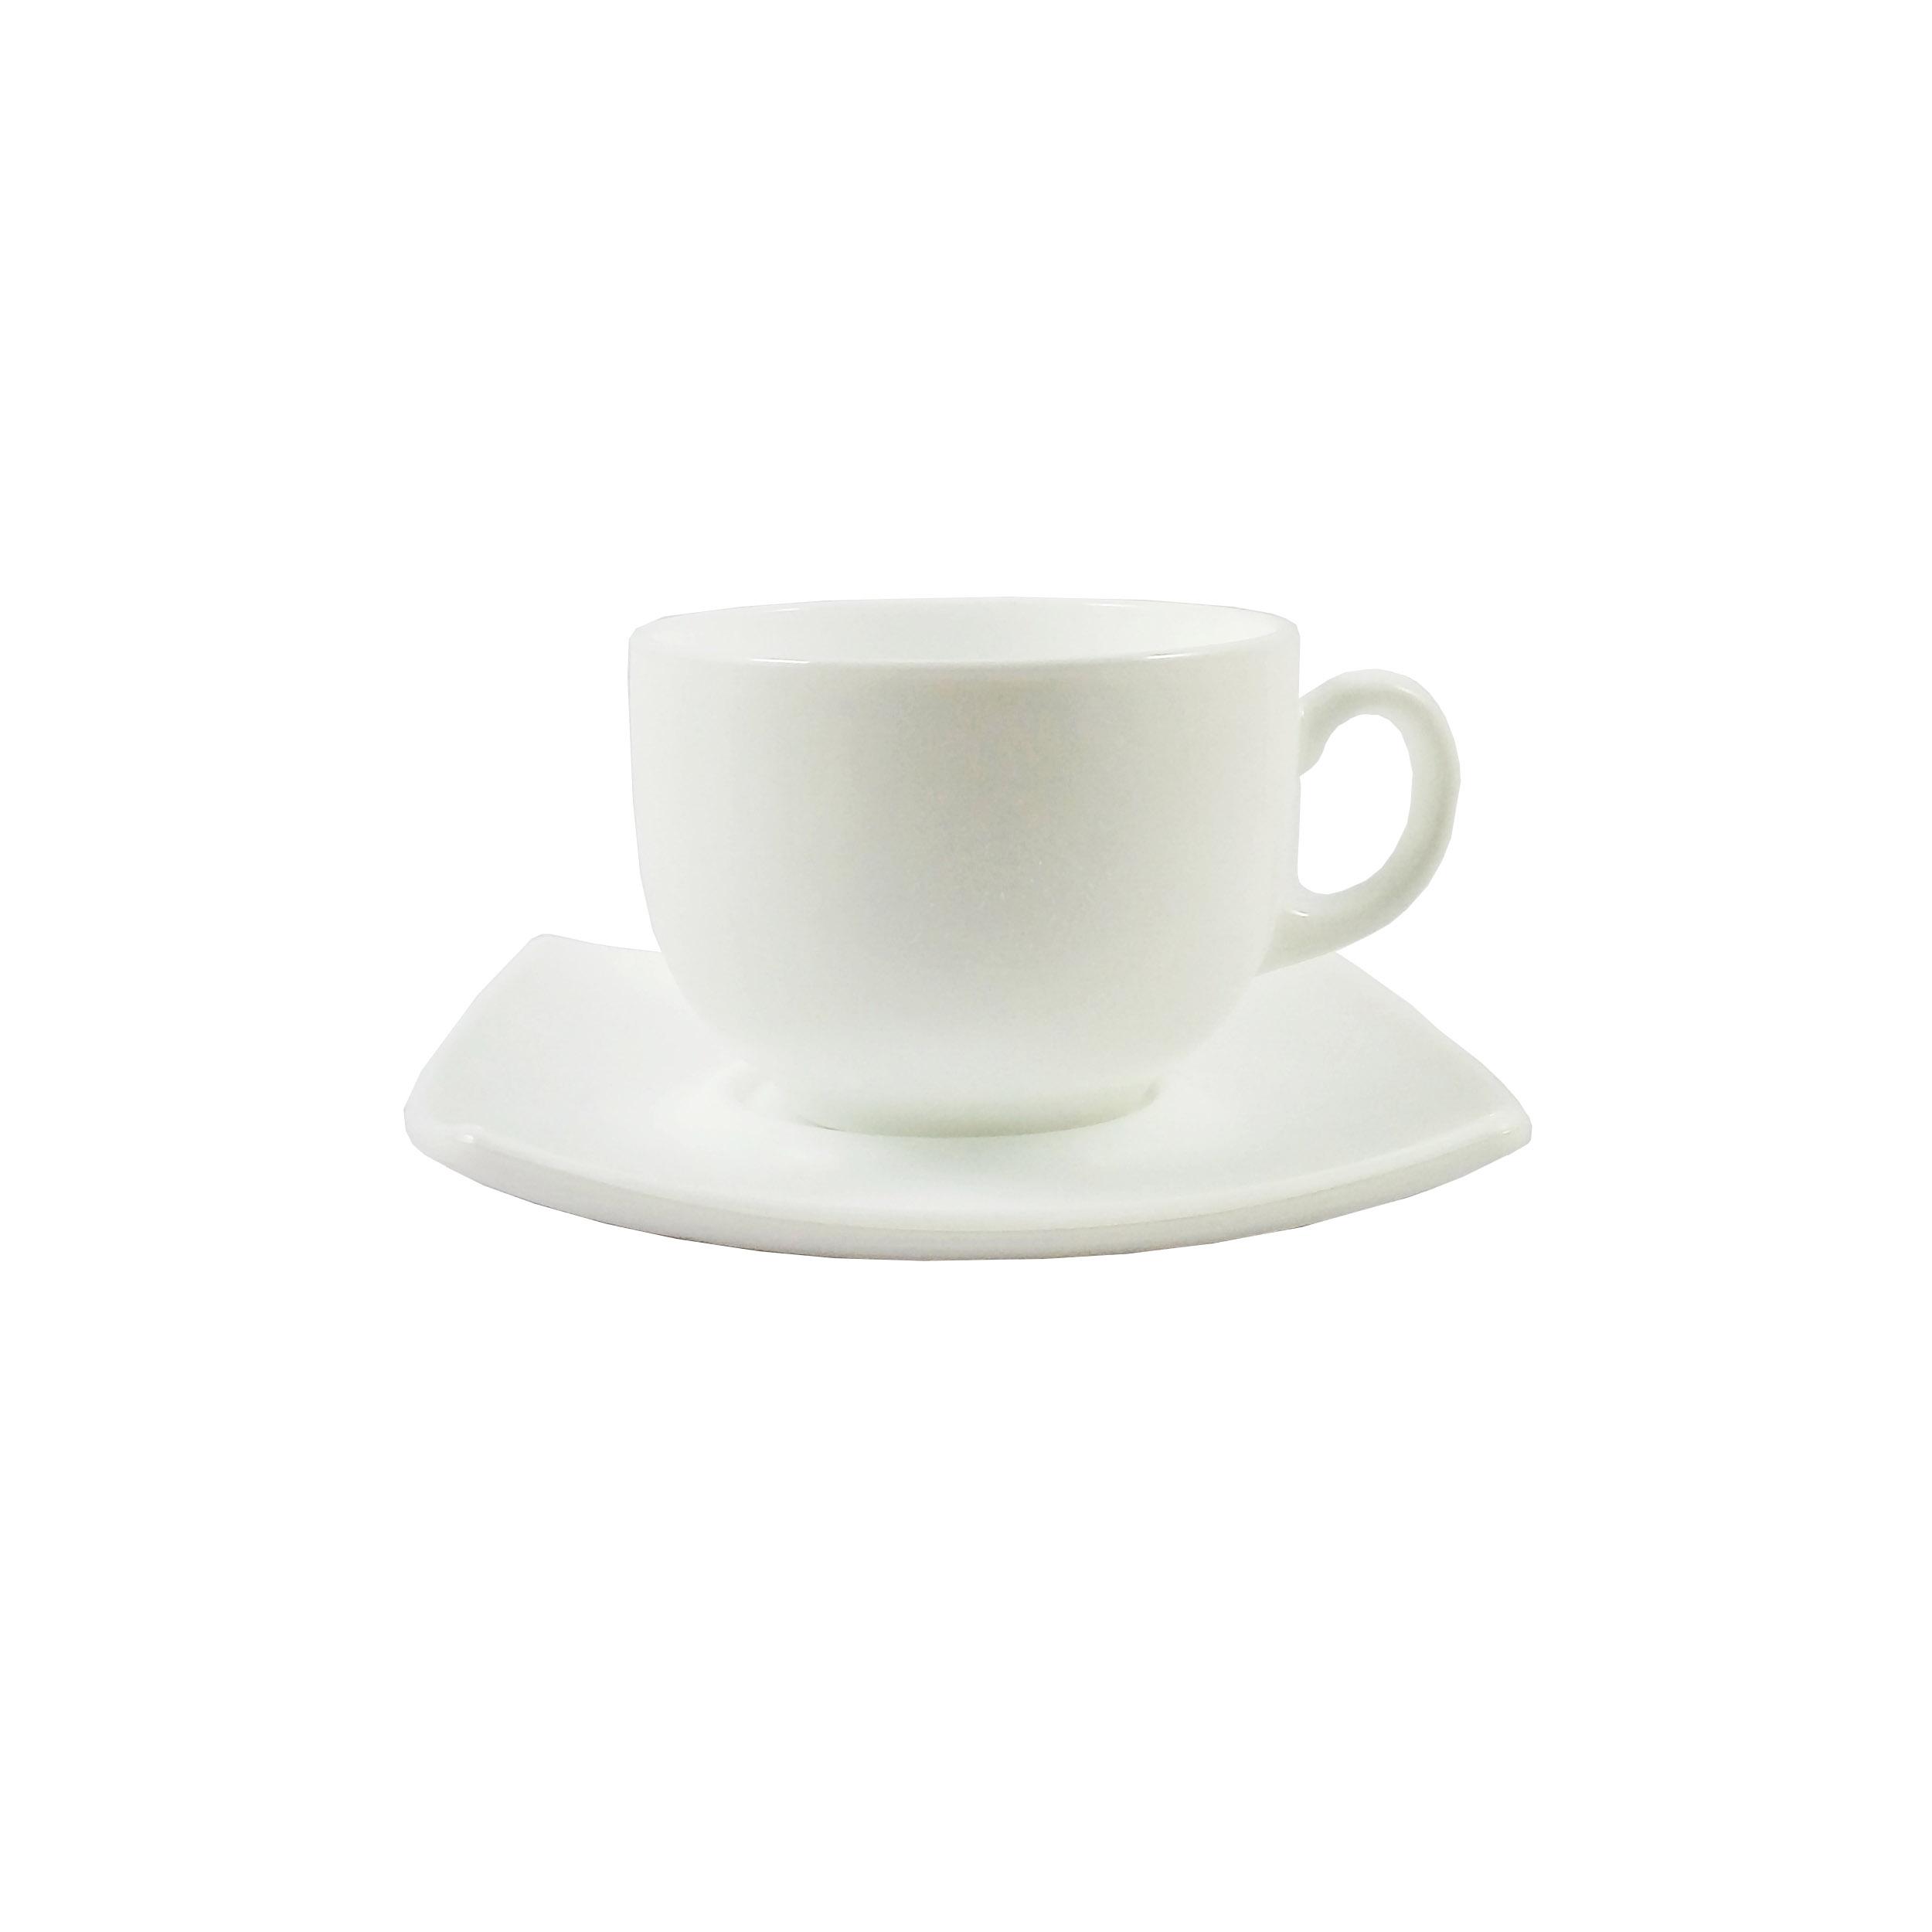 عکس سرویس چای خوری 12 پارچه لومینارک کد E-0208